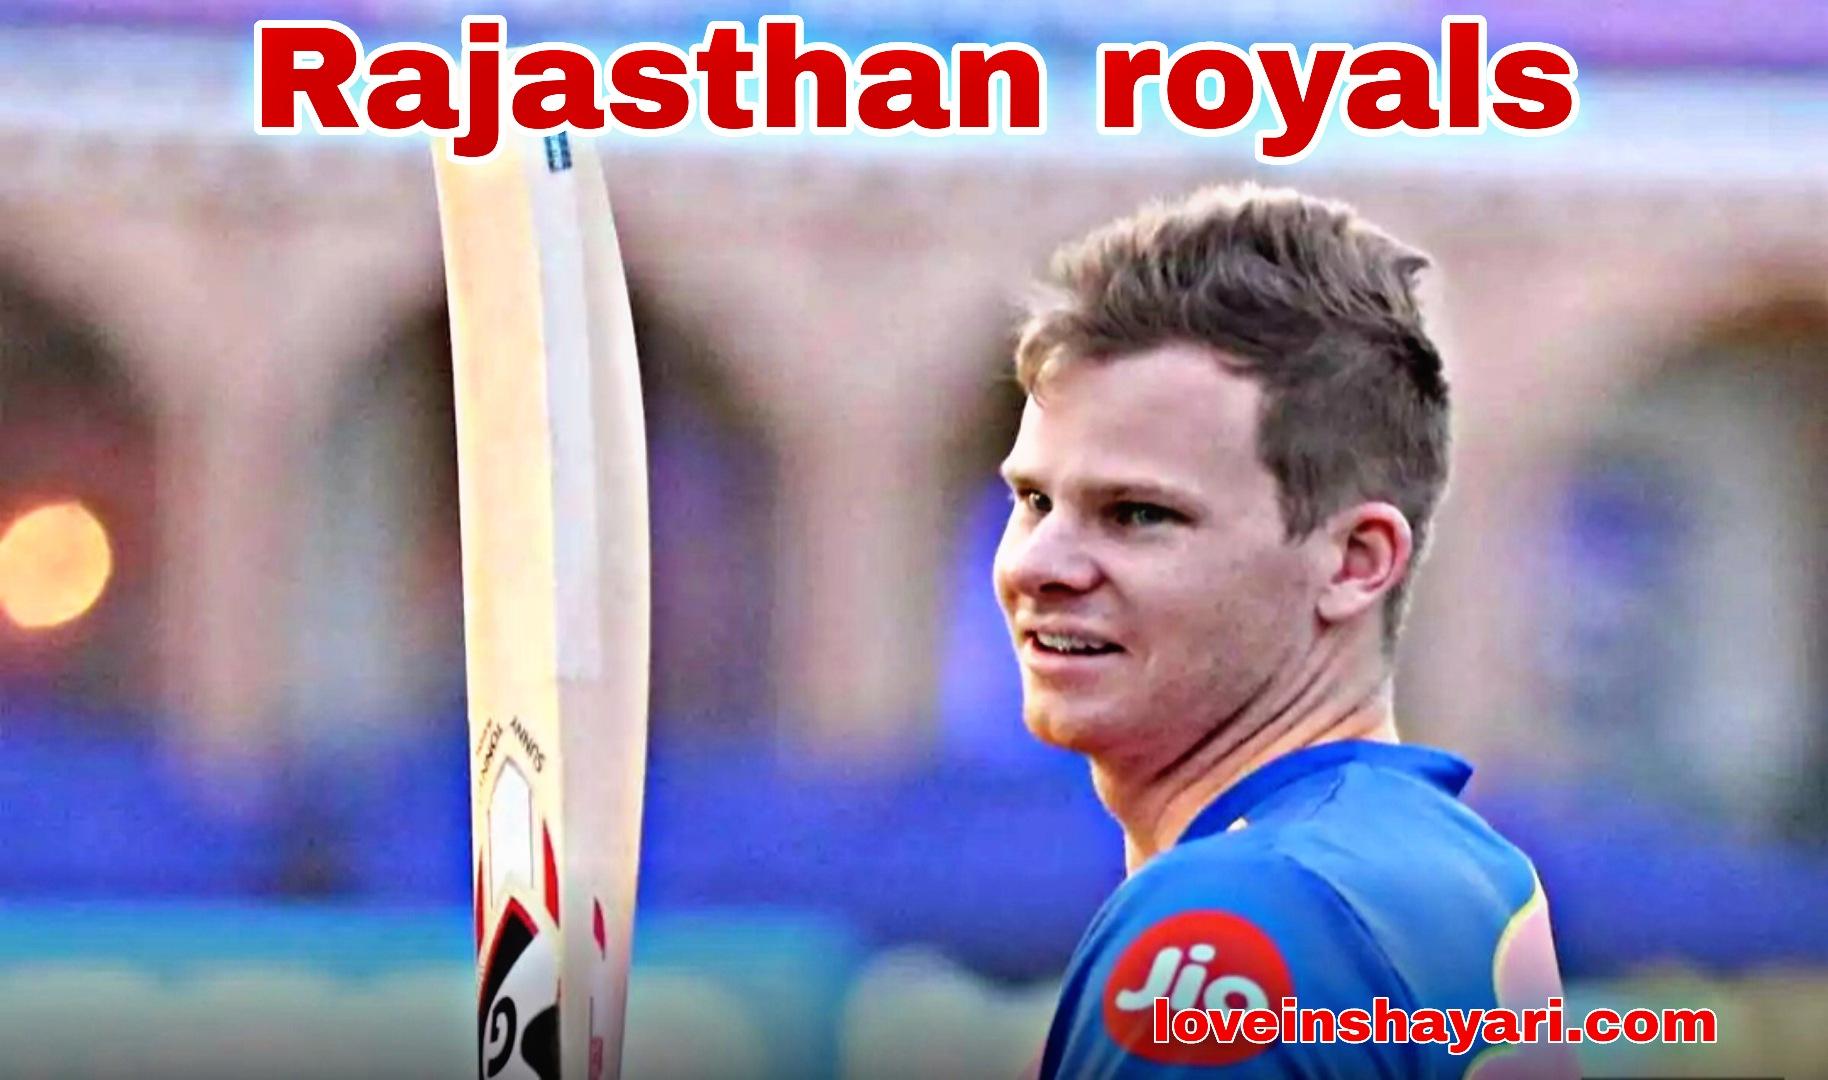 Photo of Rajasthan royals status whatsapp status 2020